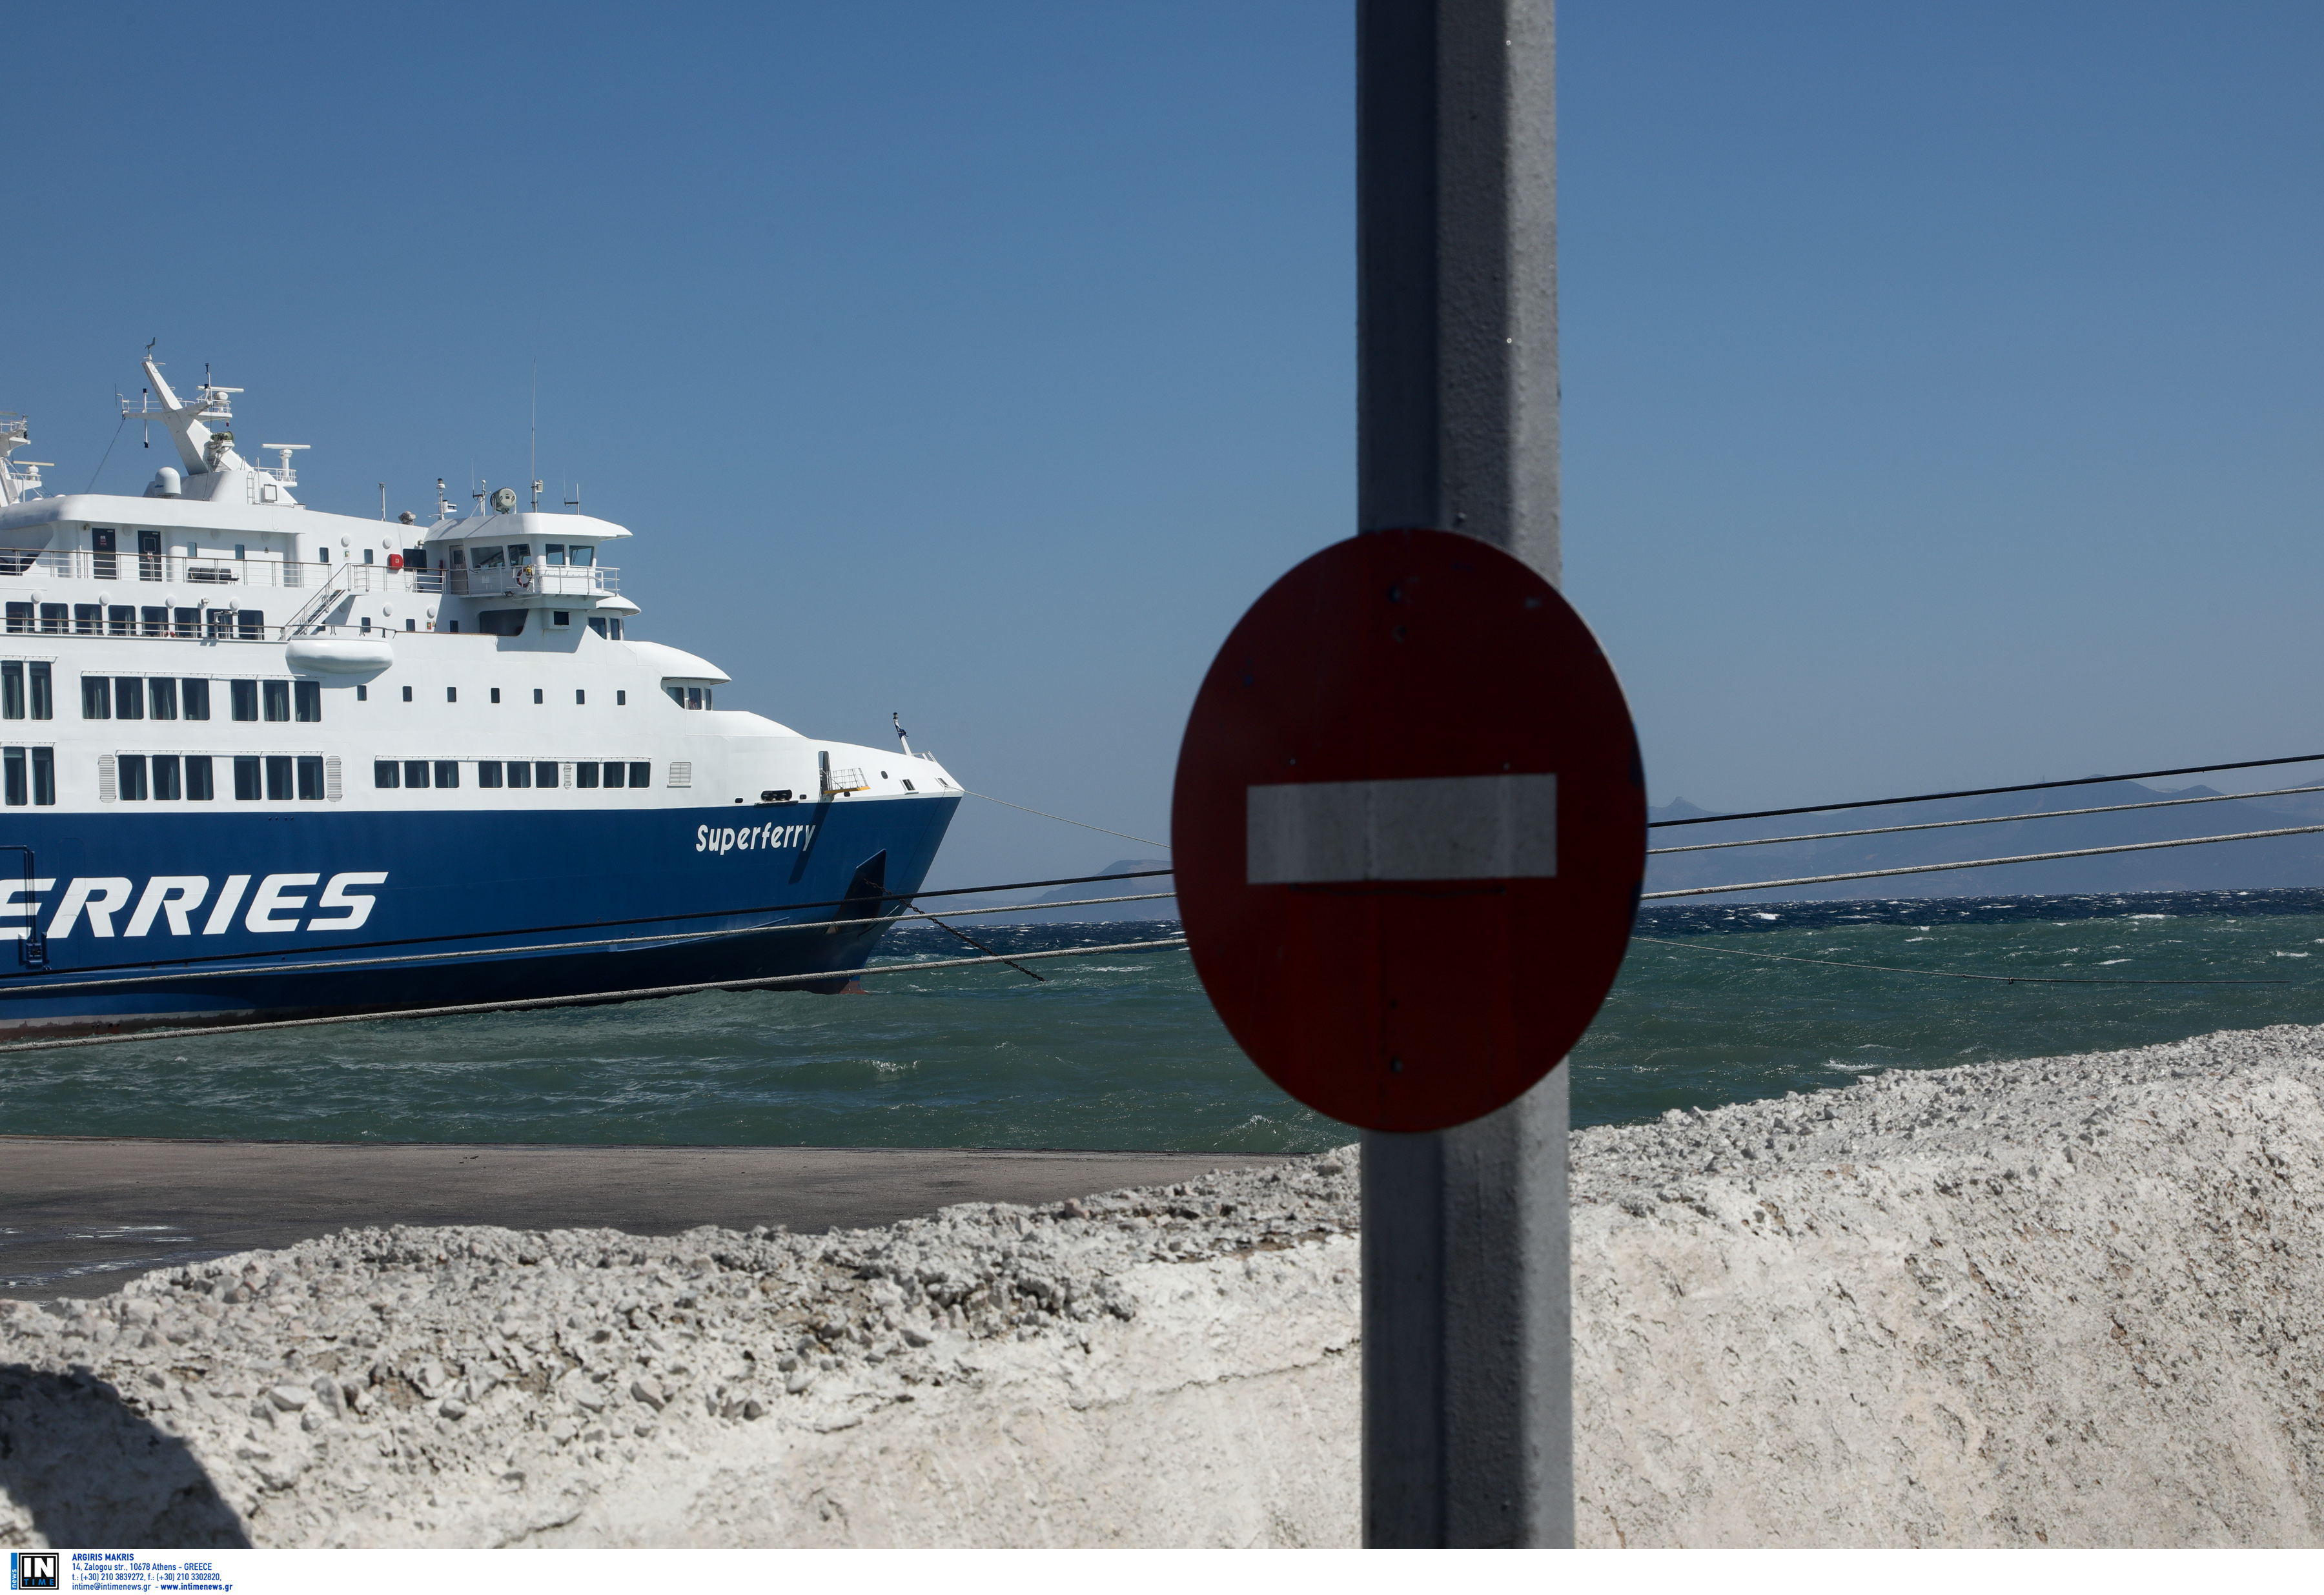 Με άλλα πλοία στους προορισμούς τους οι επιβάτες του Flying Cat 3 που έπαθε βλάβη